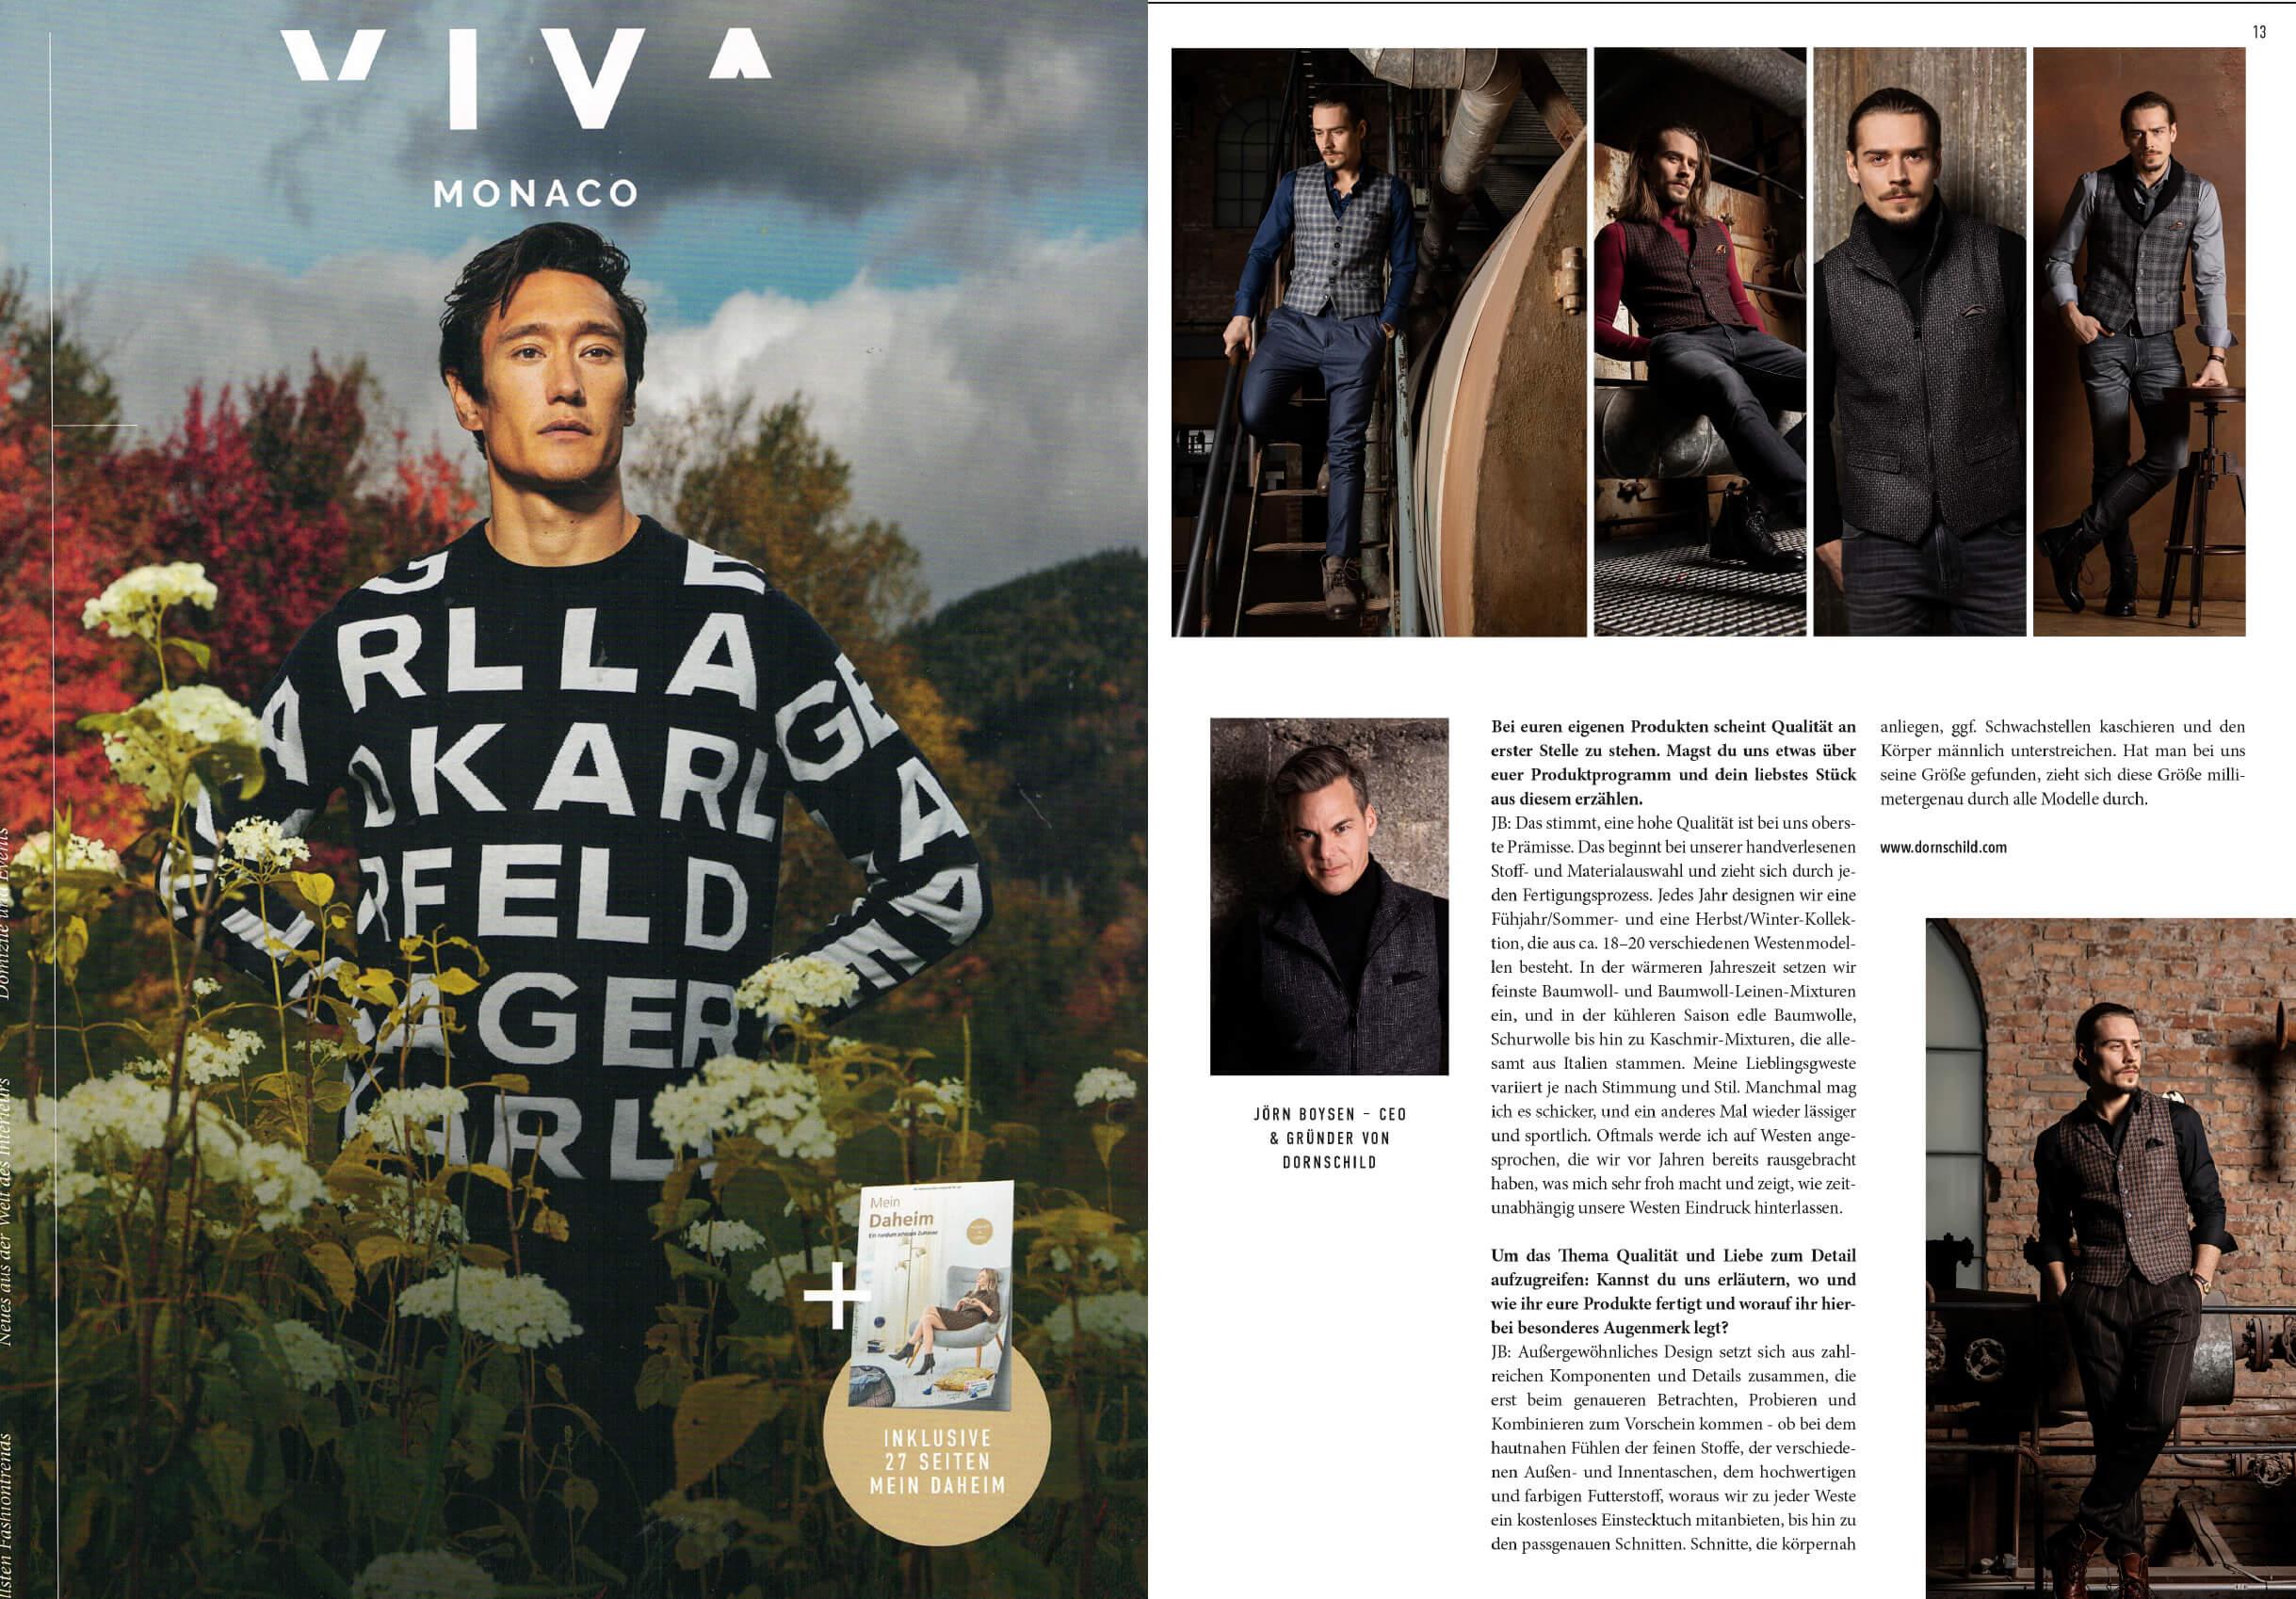 Das Münchner Lifestyle Magazin VIVA MONACO präsentiert DORNSCHILD und seine Herrenwesten als modernes Fashion Statement im Interview mit dem Gründer Jörn Boysen.